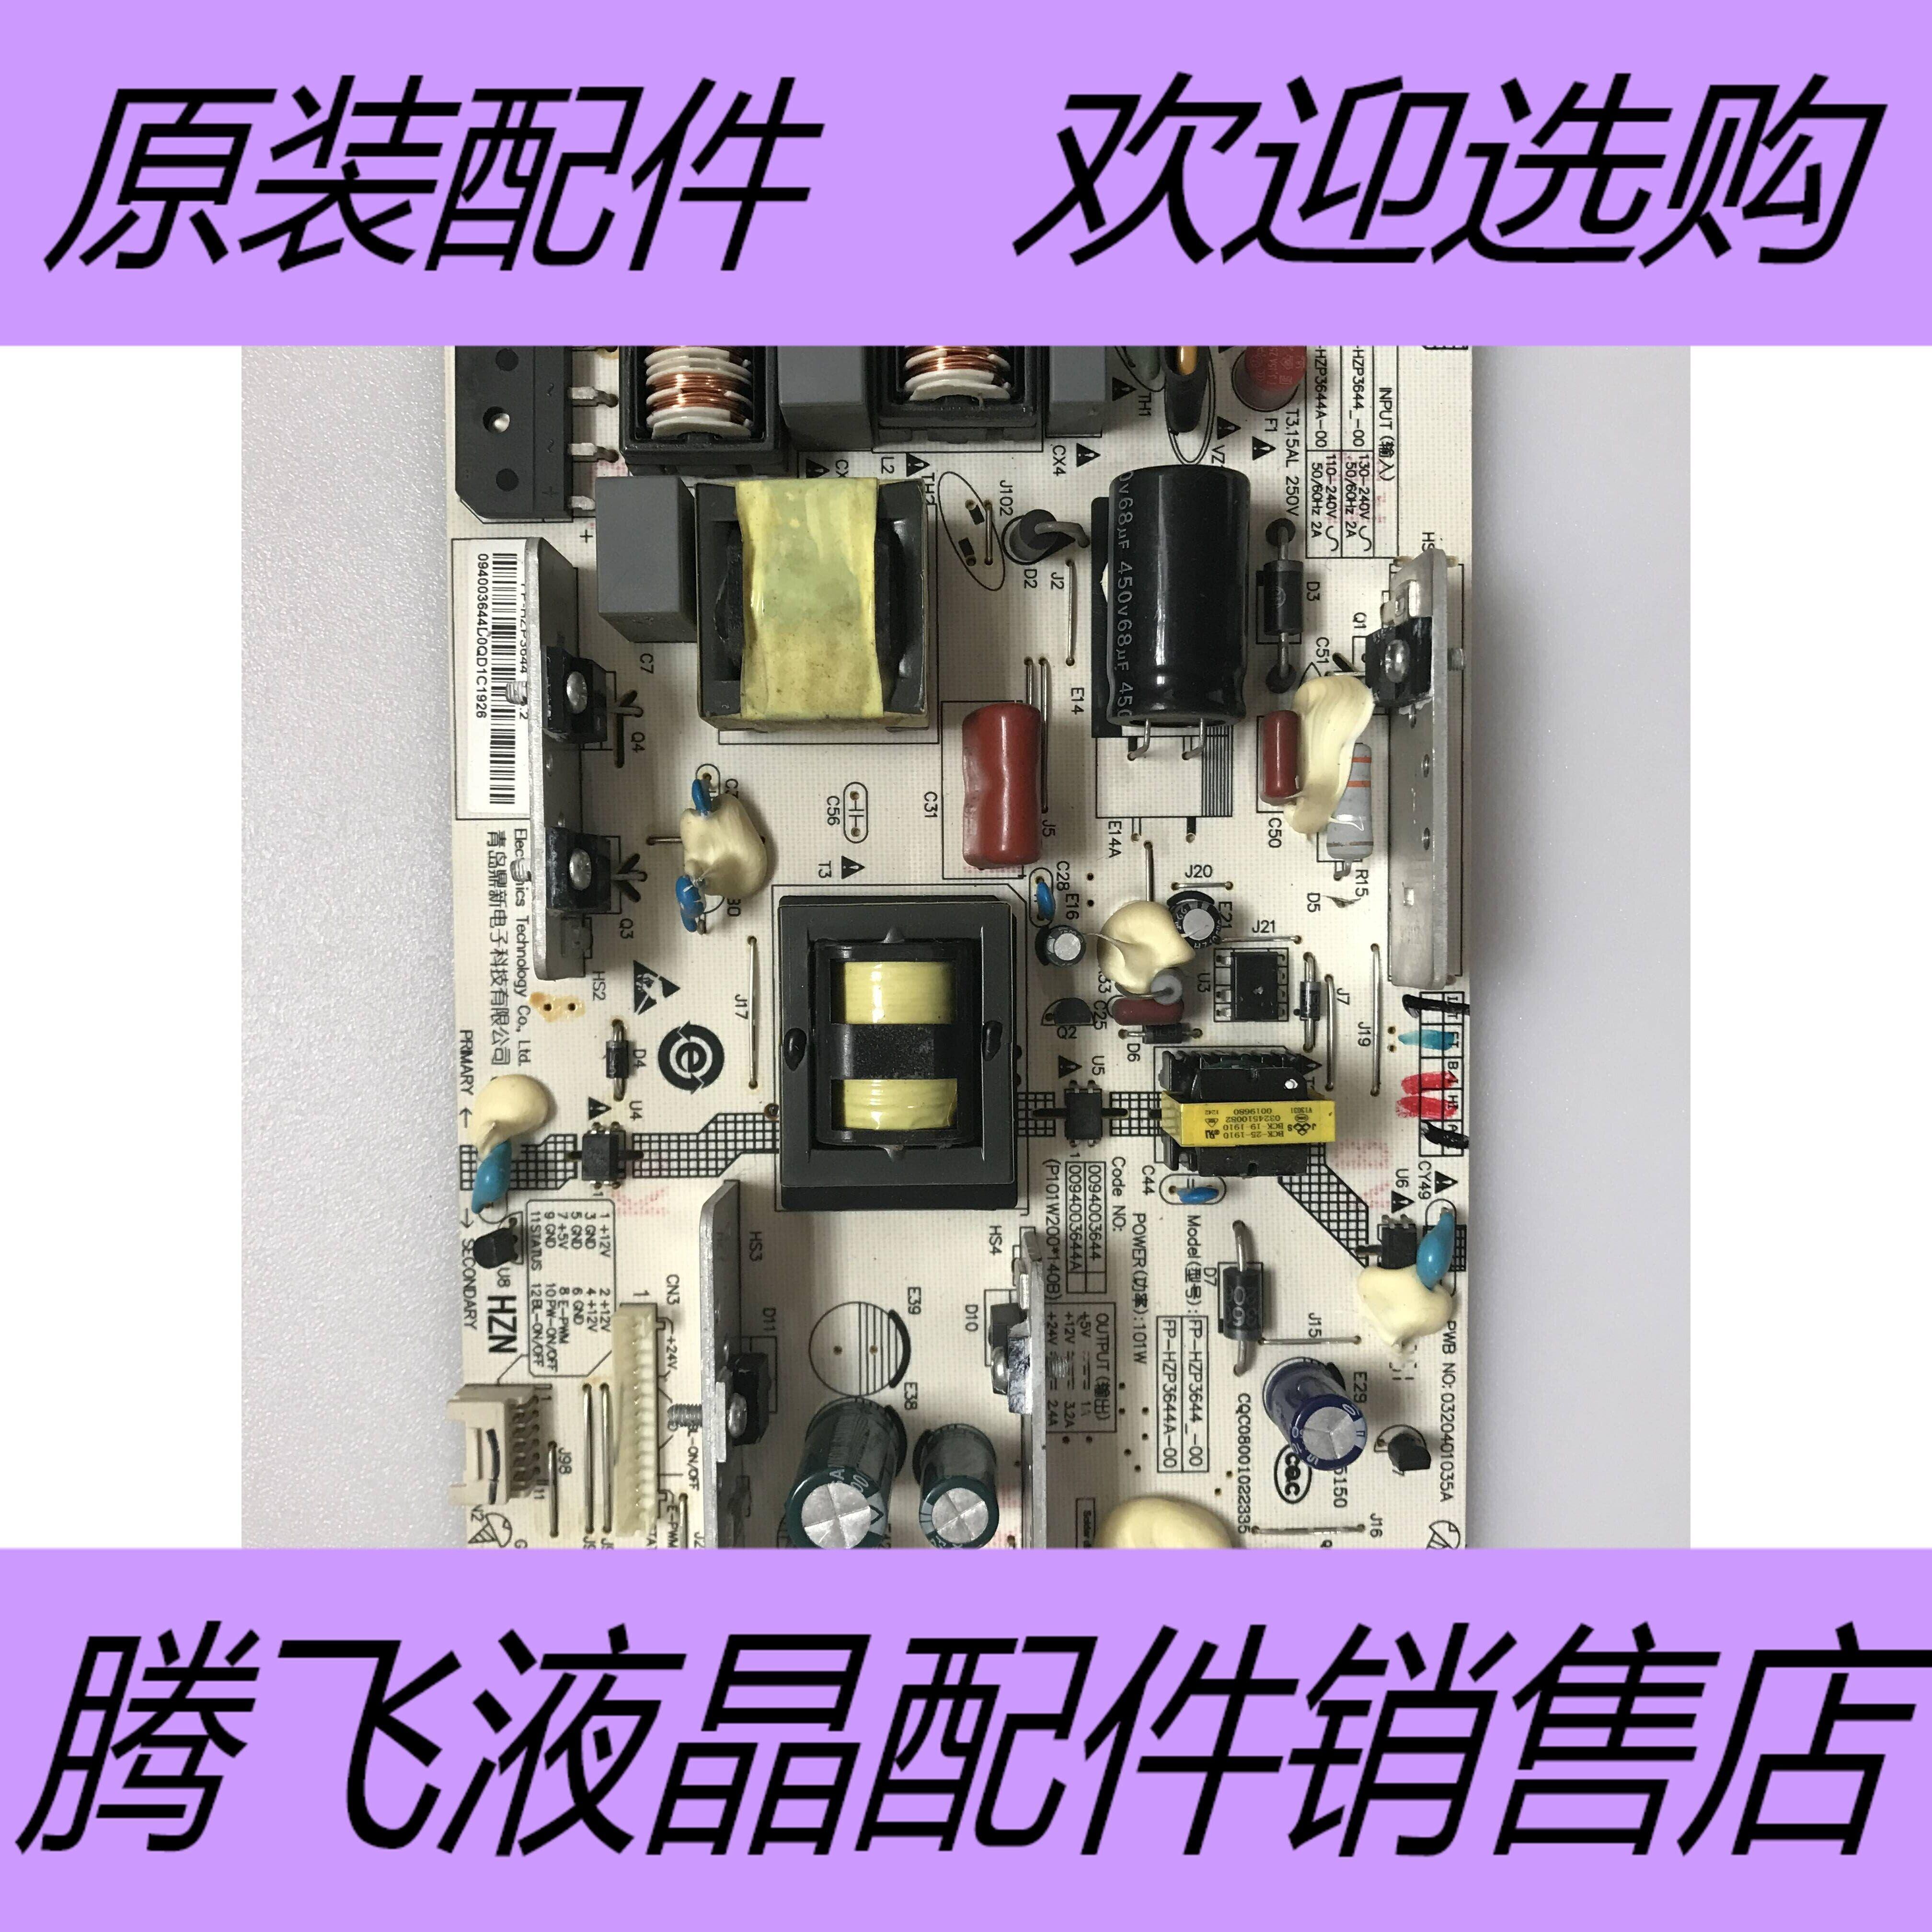 海尔液晶电视机原装电源板